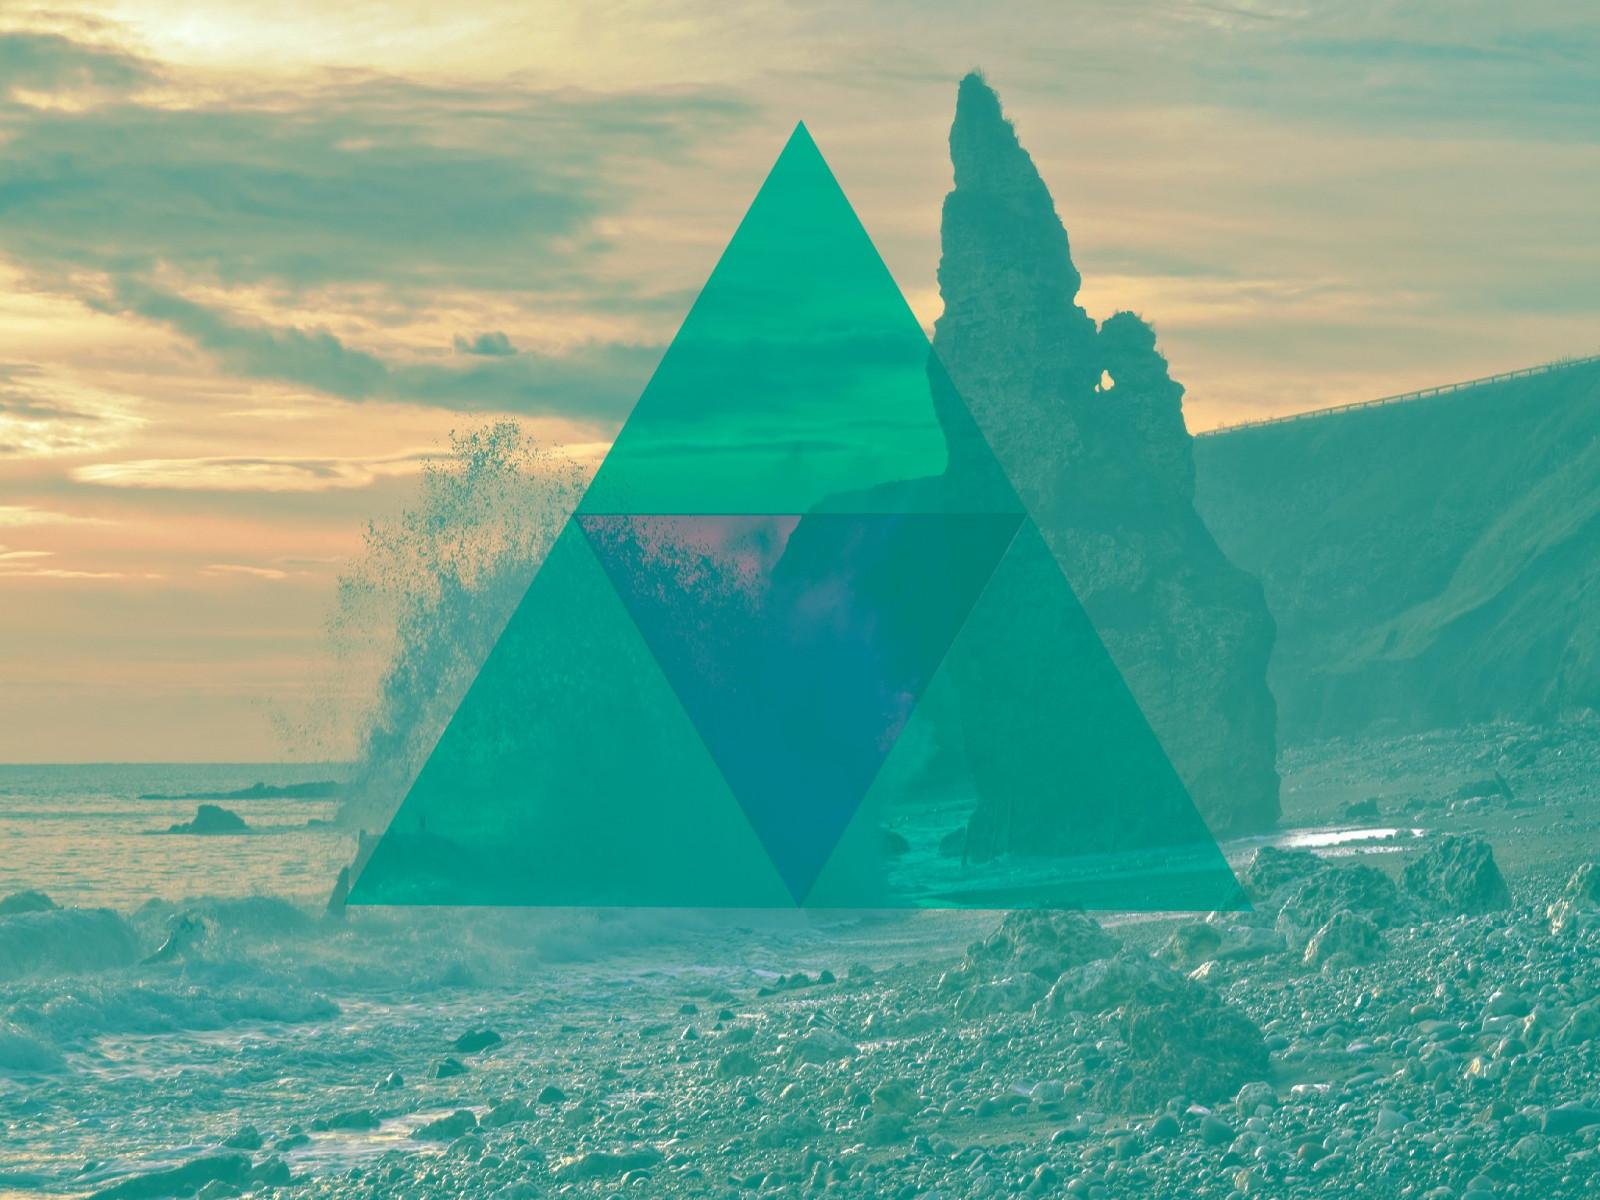 Открытки годом, картинка с треугольником